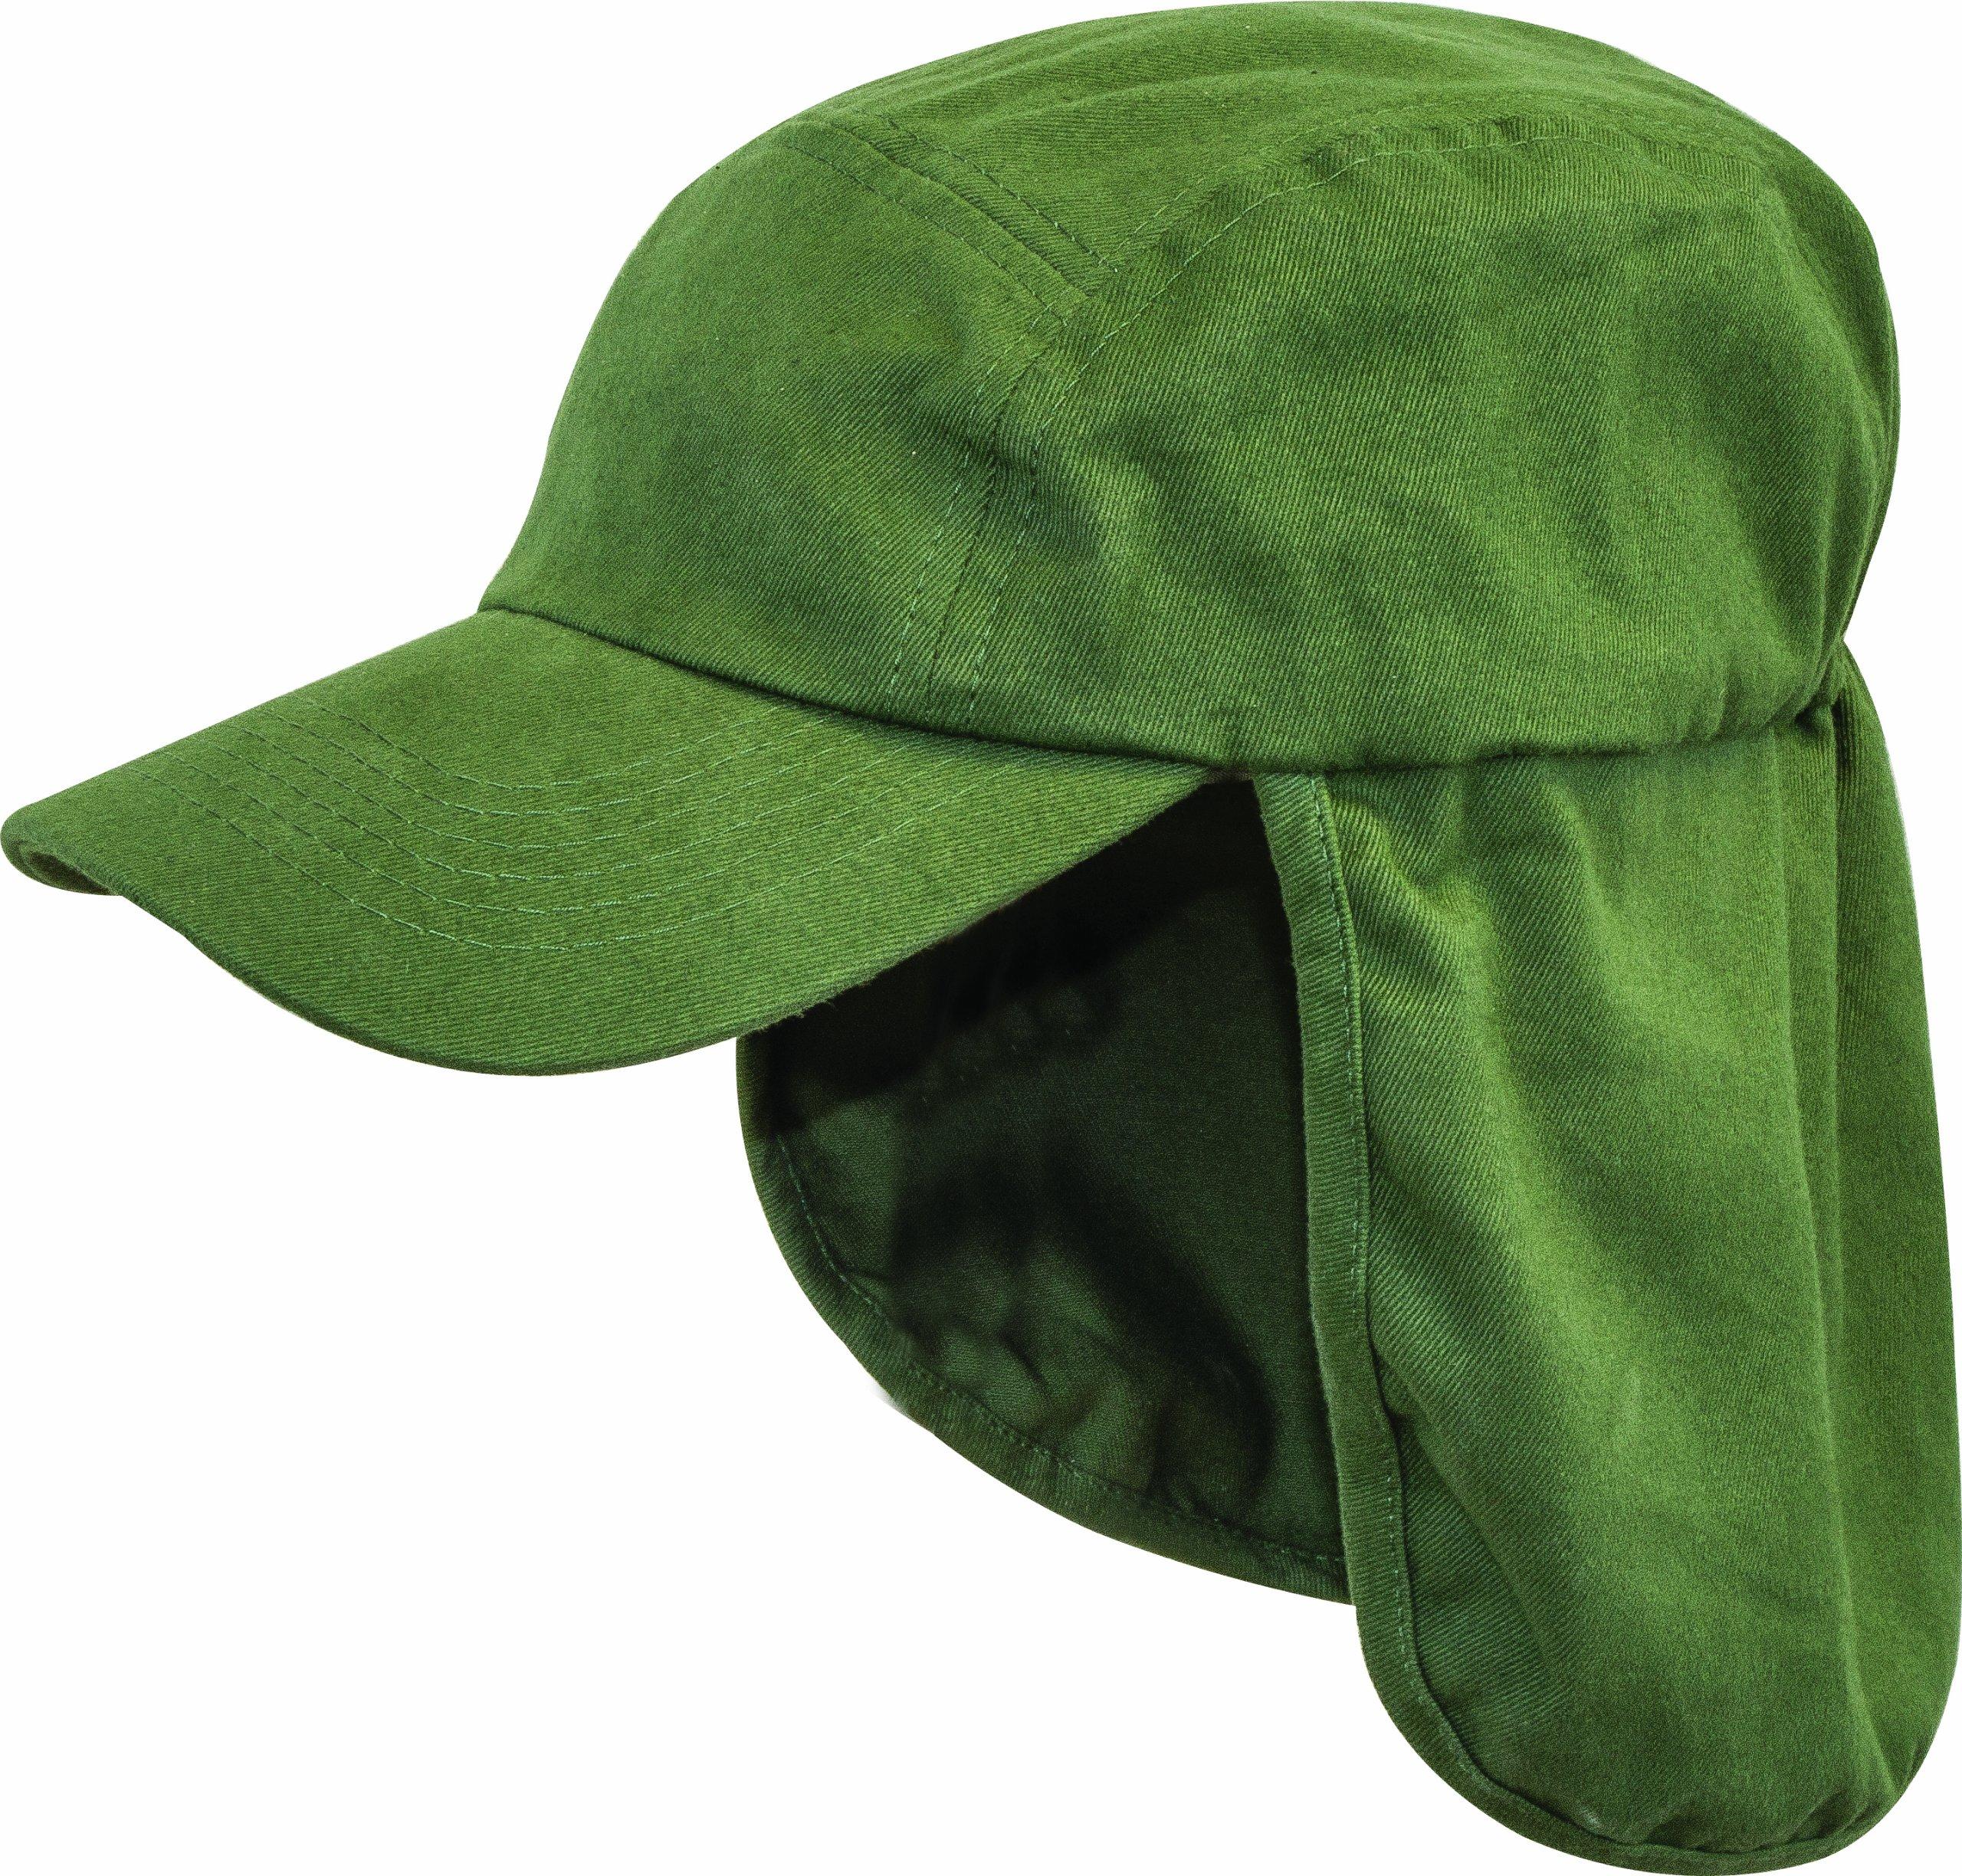 6deef1b4ab489 Best Rated in Men s Outdoor Hats   Headwear   Helpful Customer ...